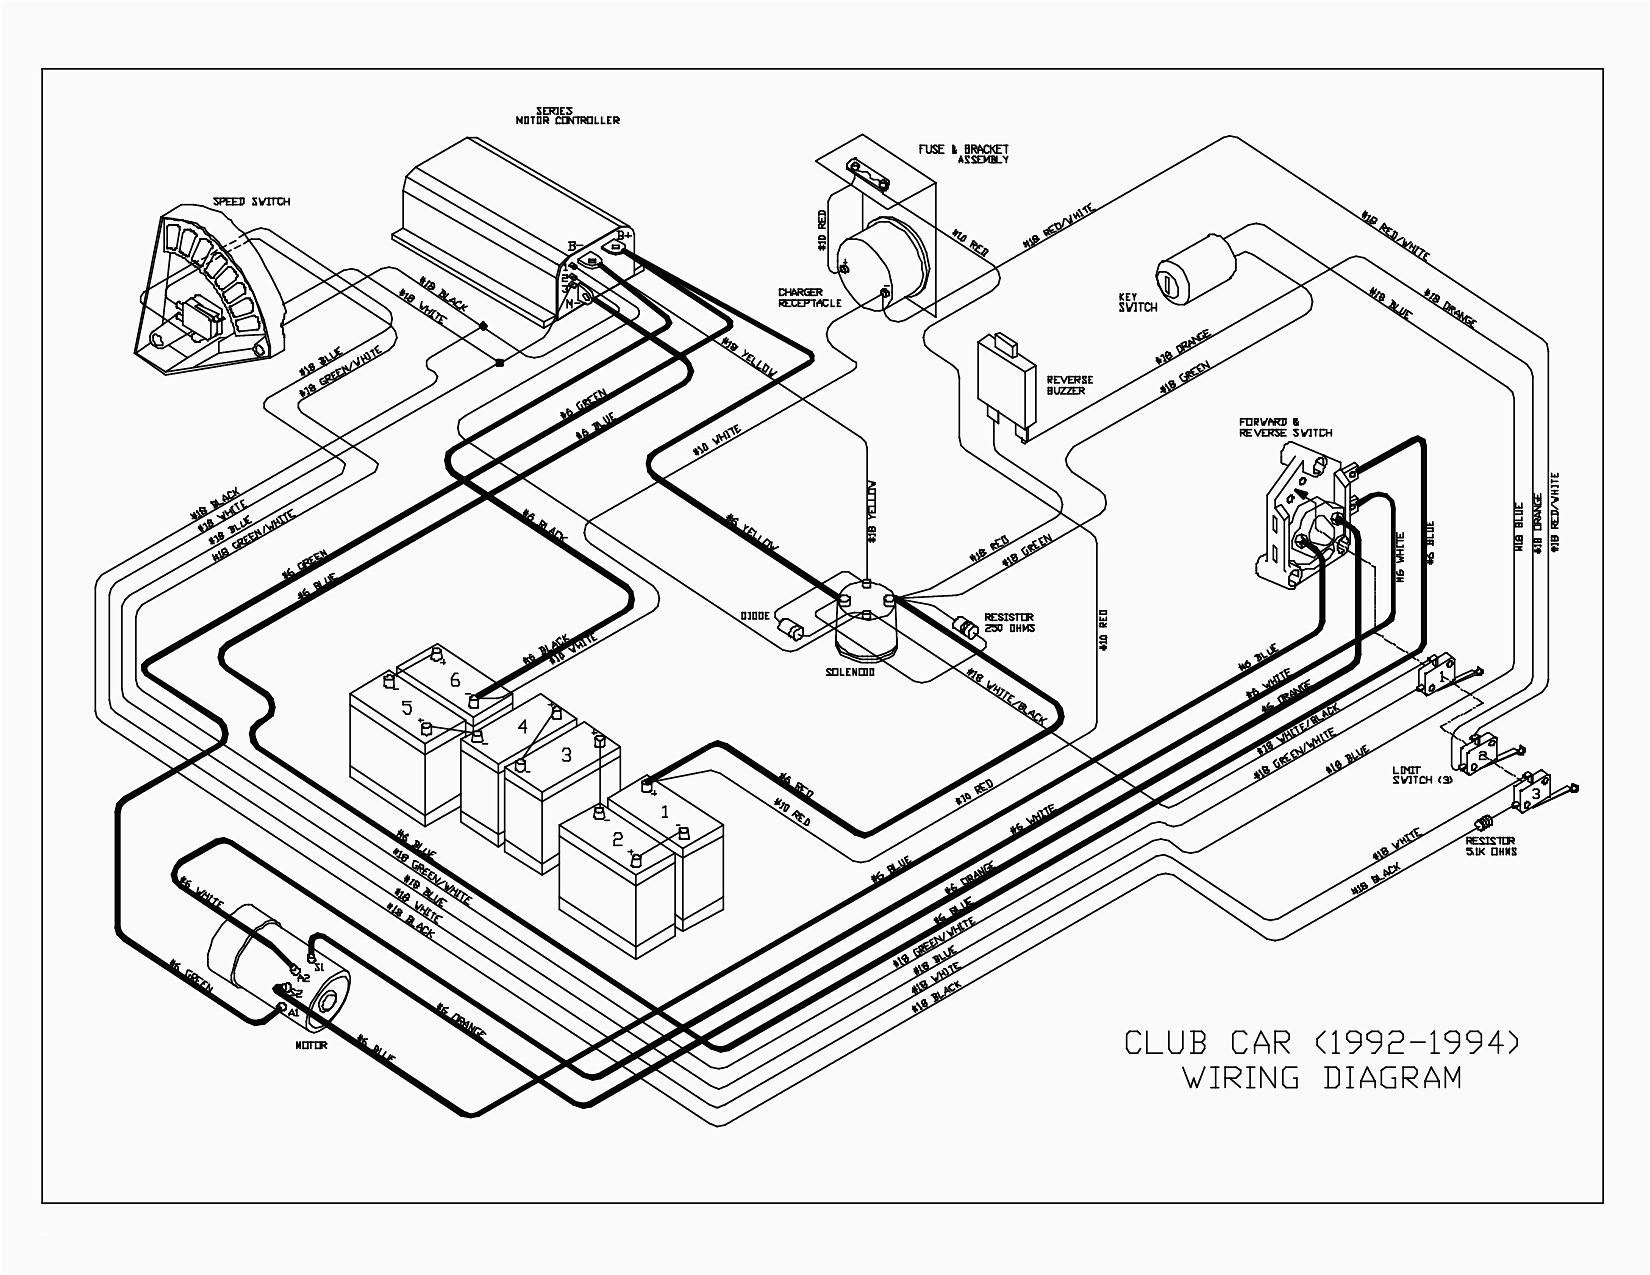 Wiring Diagram for Club Car Precedent New Golf Cart Wiring Diagram Unique Fein Club Car Ds